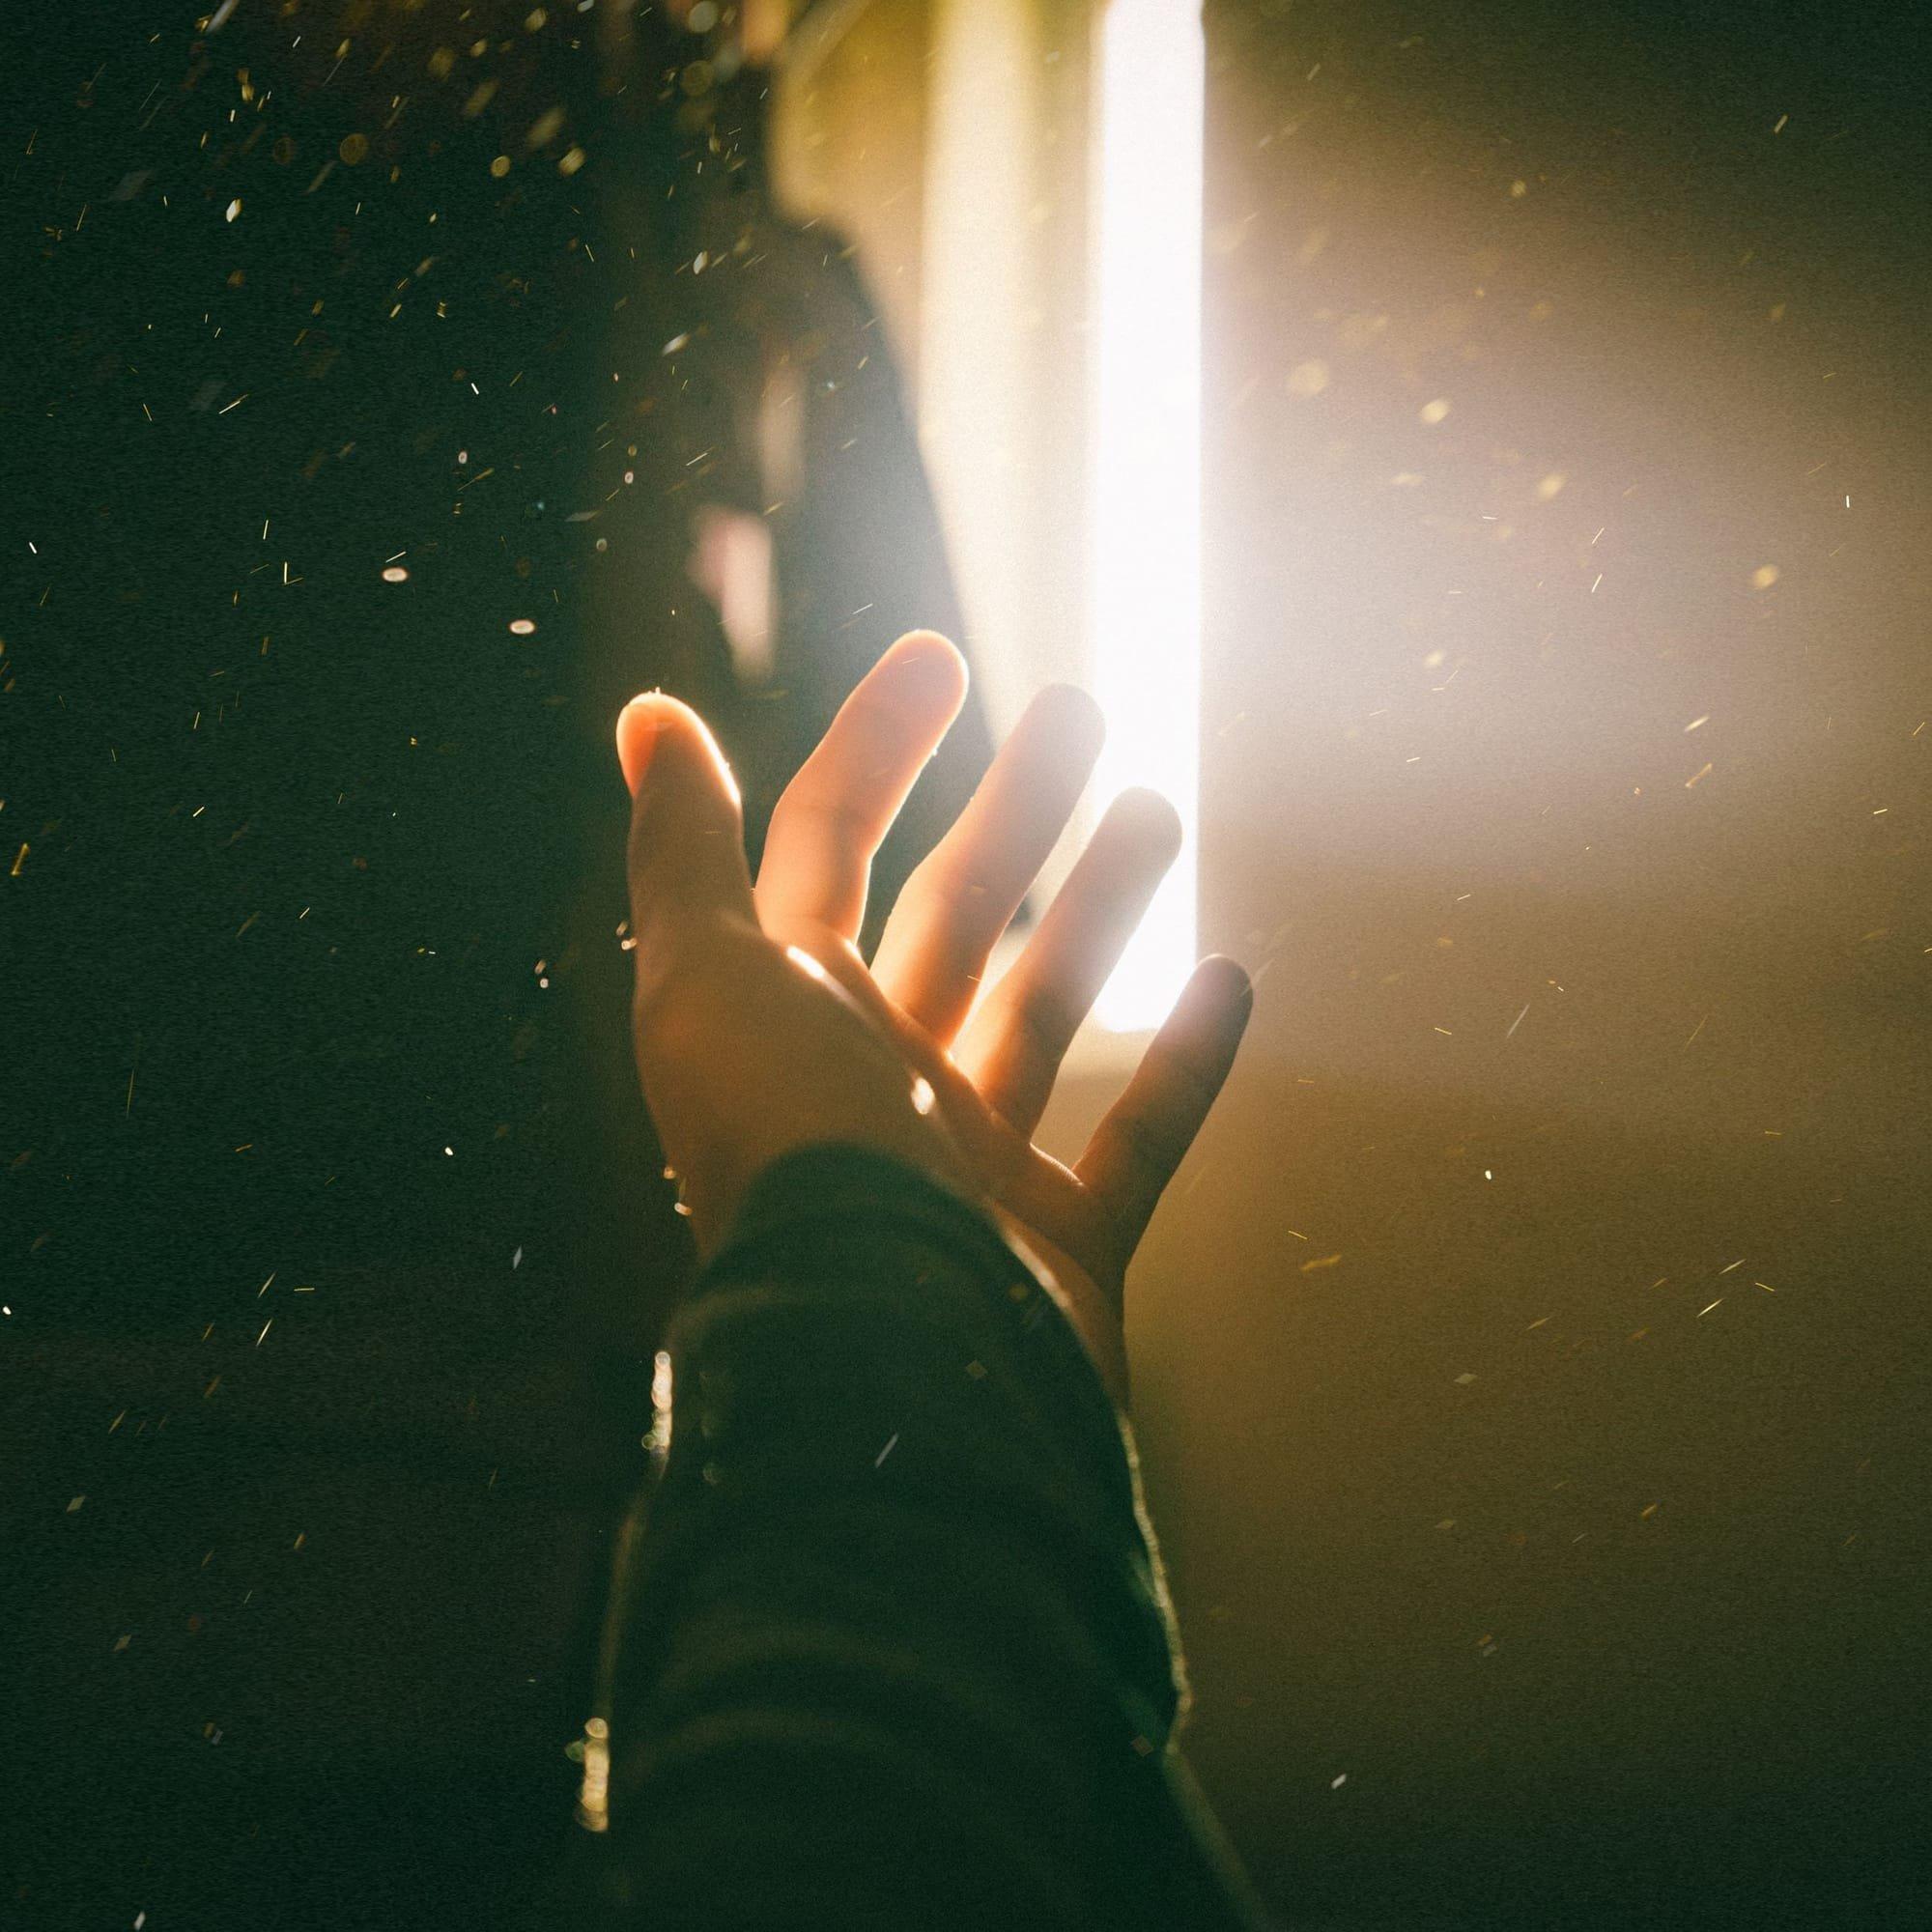 אור האלוהים, איפה אנחנו בתור אנשים ואיפה הוא? איפה האלוהים כשצריך אותו ביום כיפור ובזמן קורונה